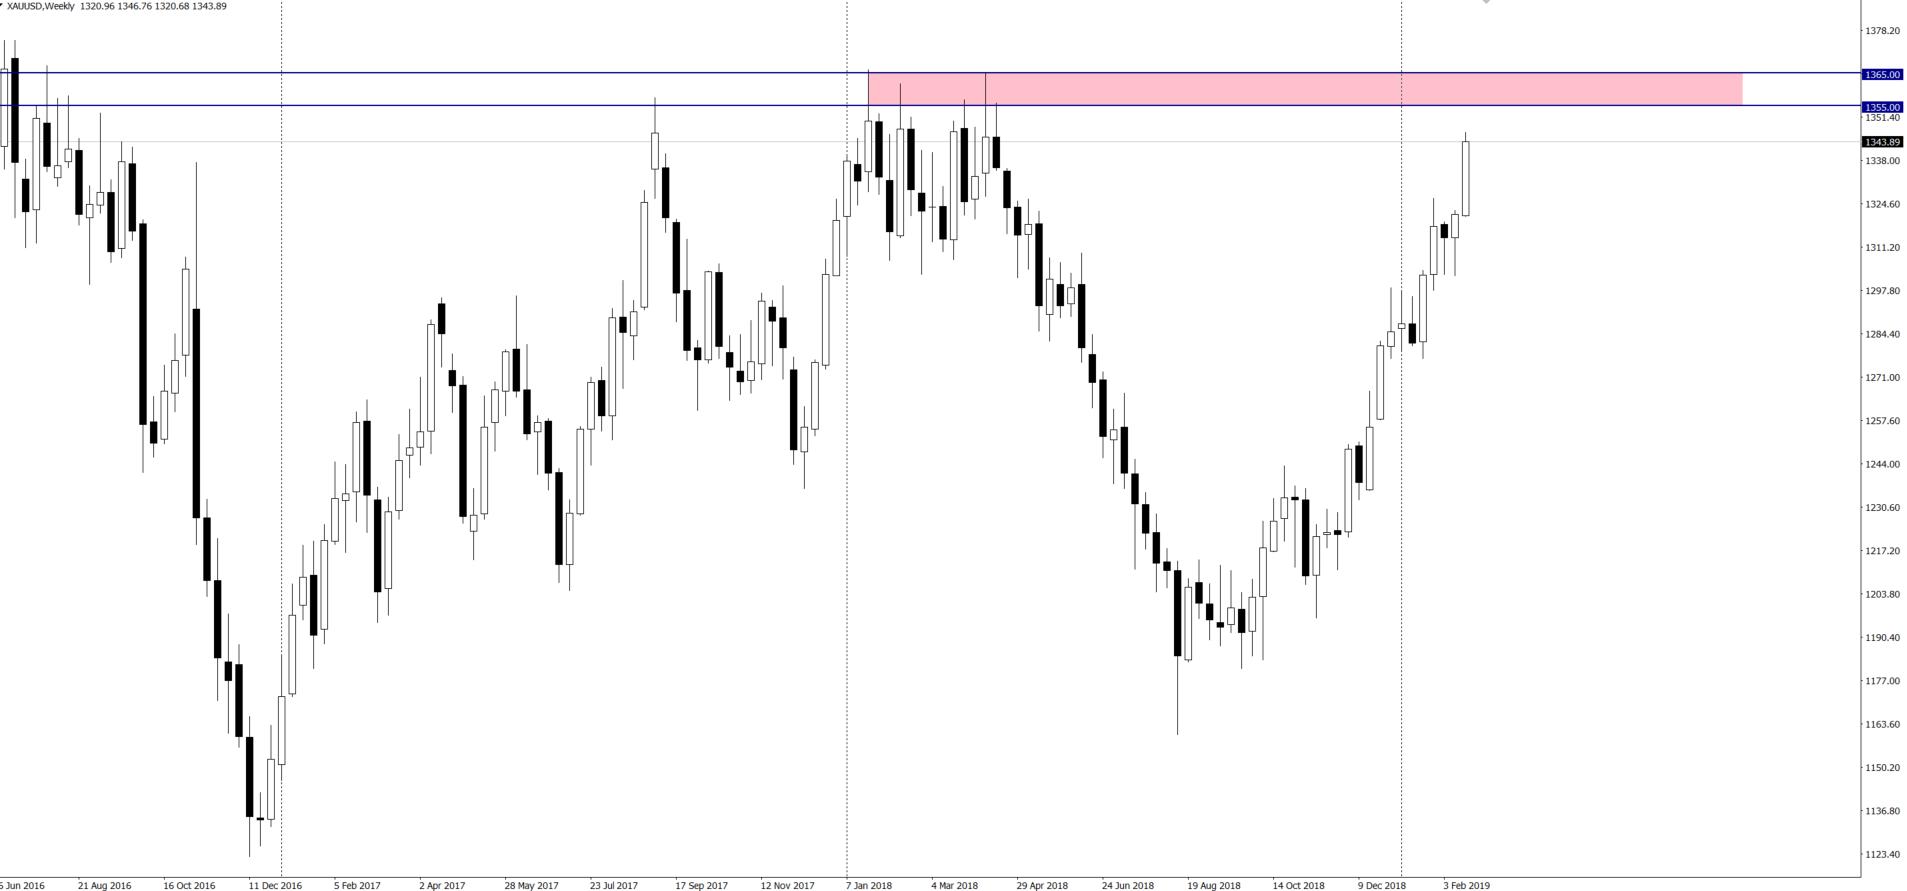 Złoto: Utrzymujący się trend wzrostowy może odzwierciedlać słabą sytuację dolara – AmpGFX